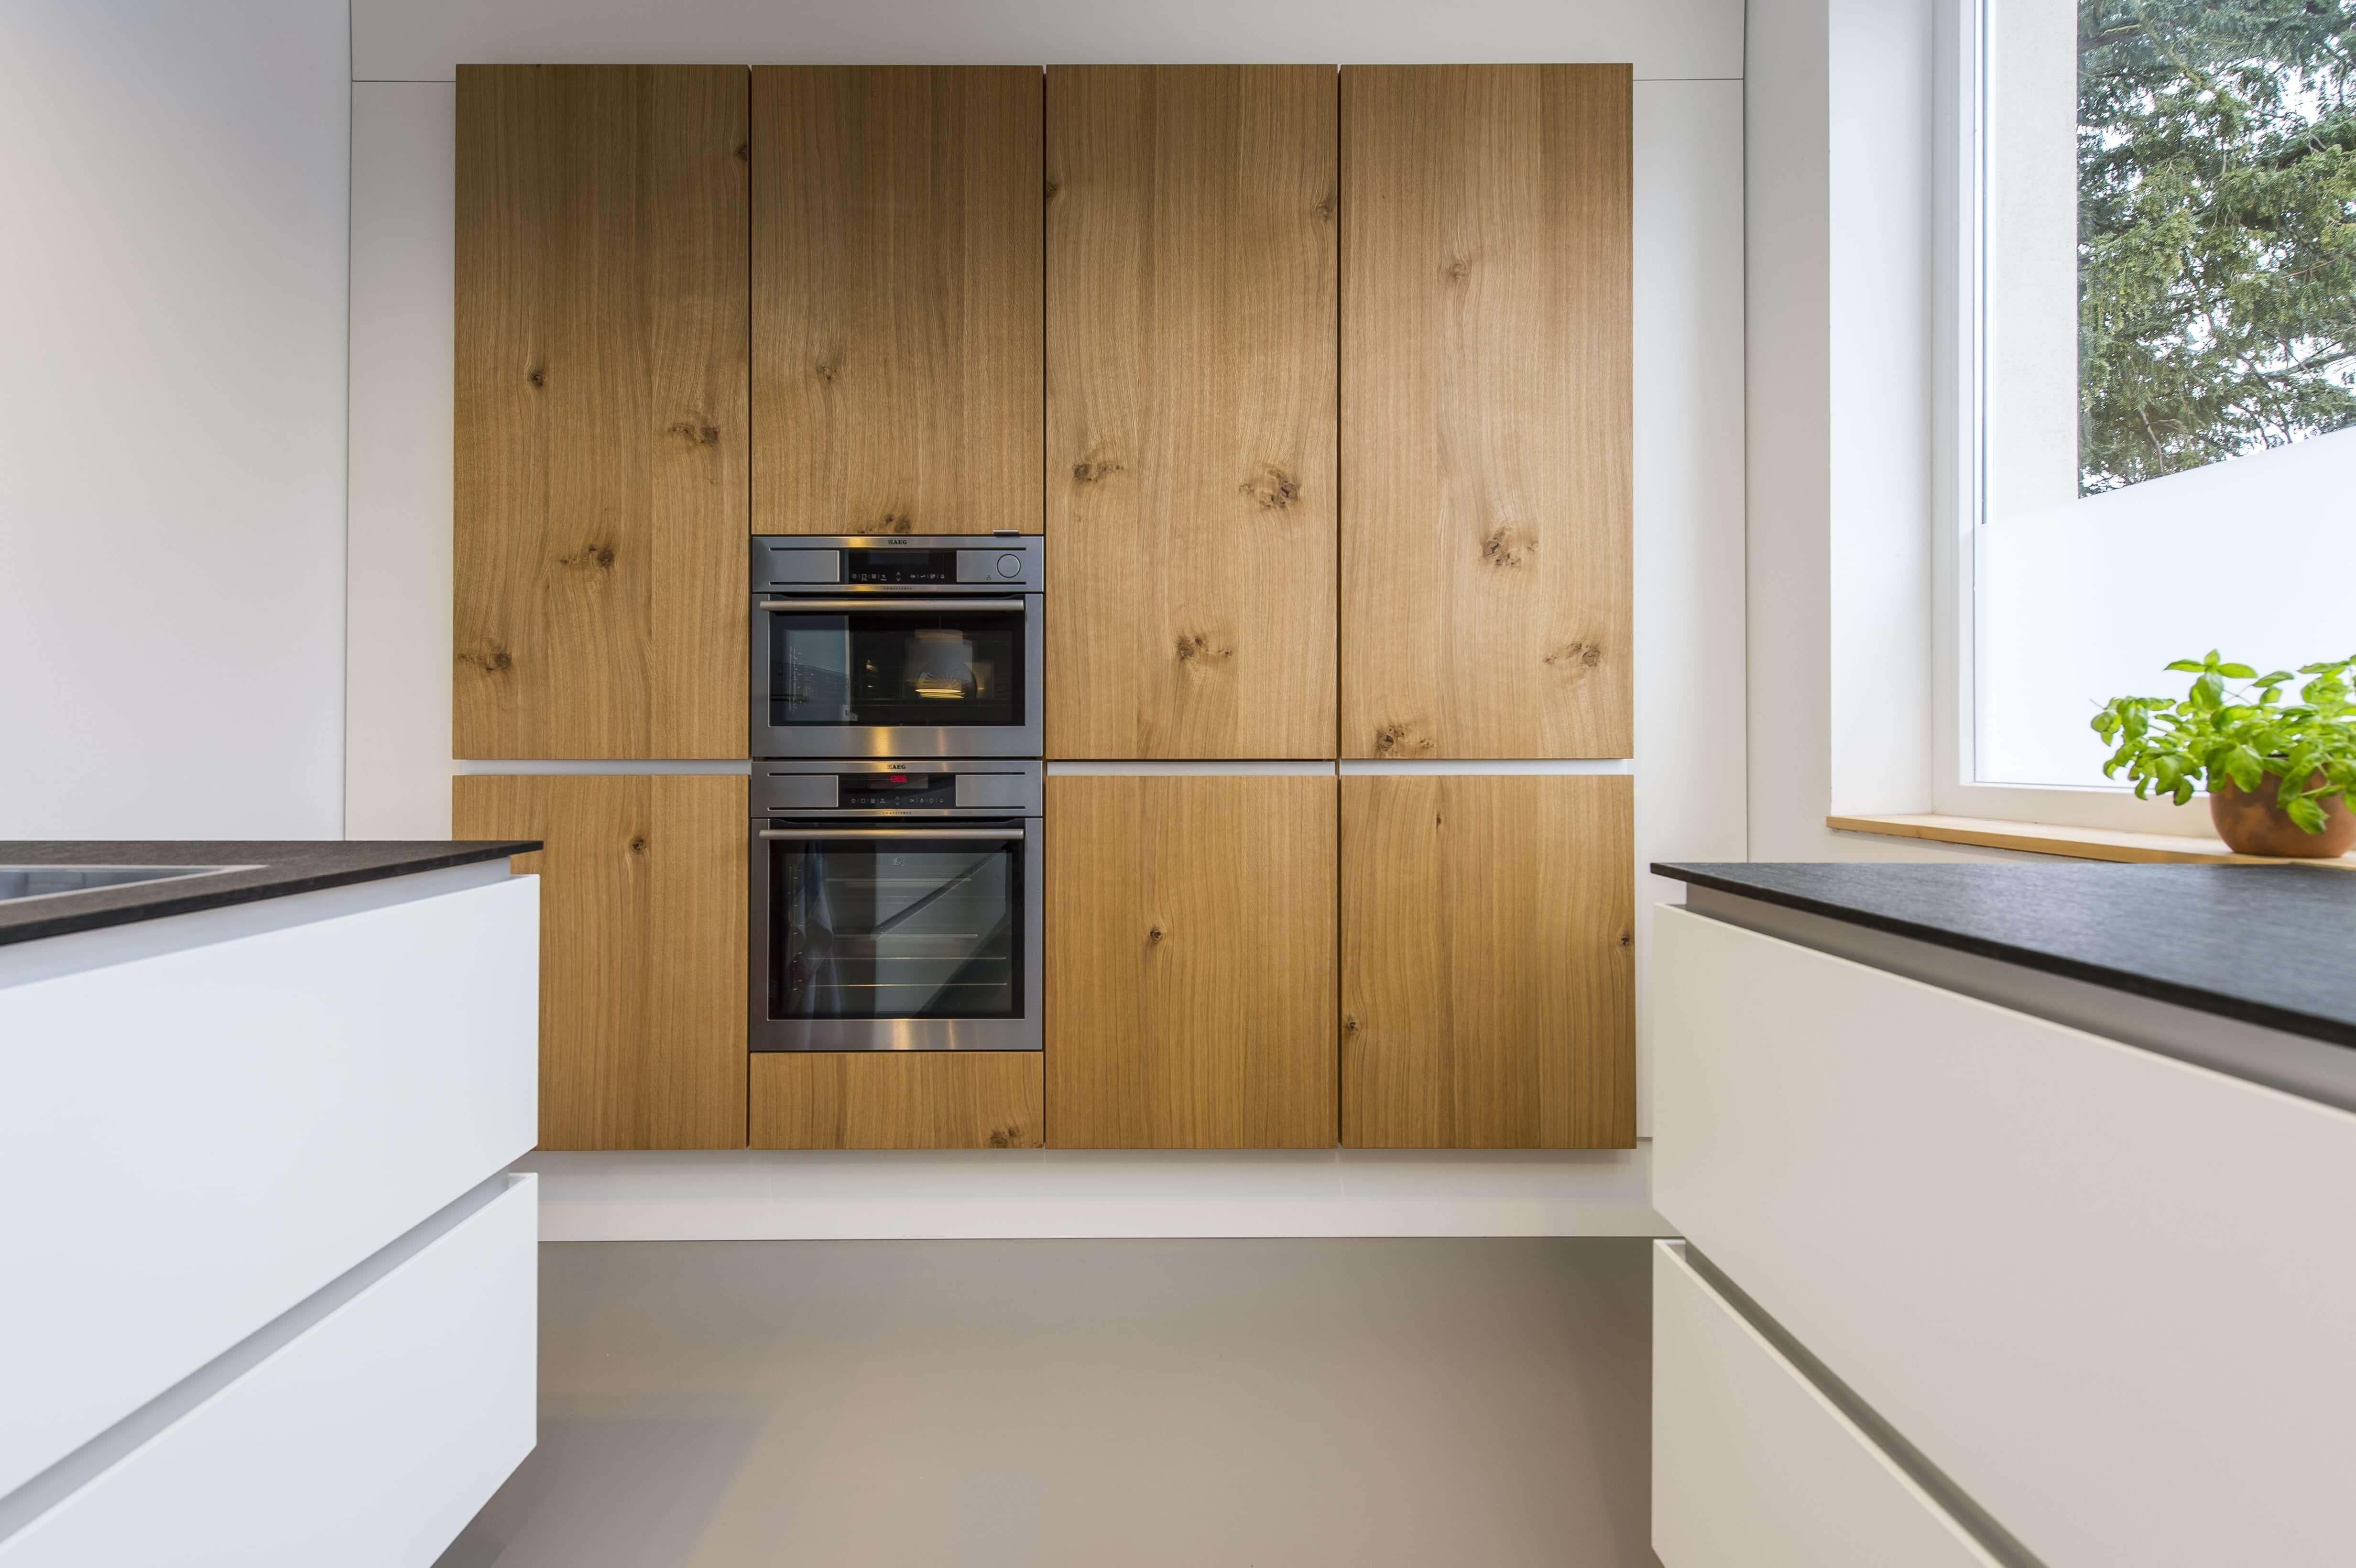 Skandinavisches Design: Moderne Wohnküche Im Alten Weinmeisterhaus